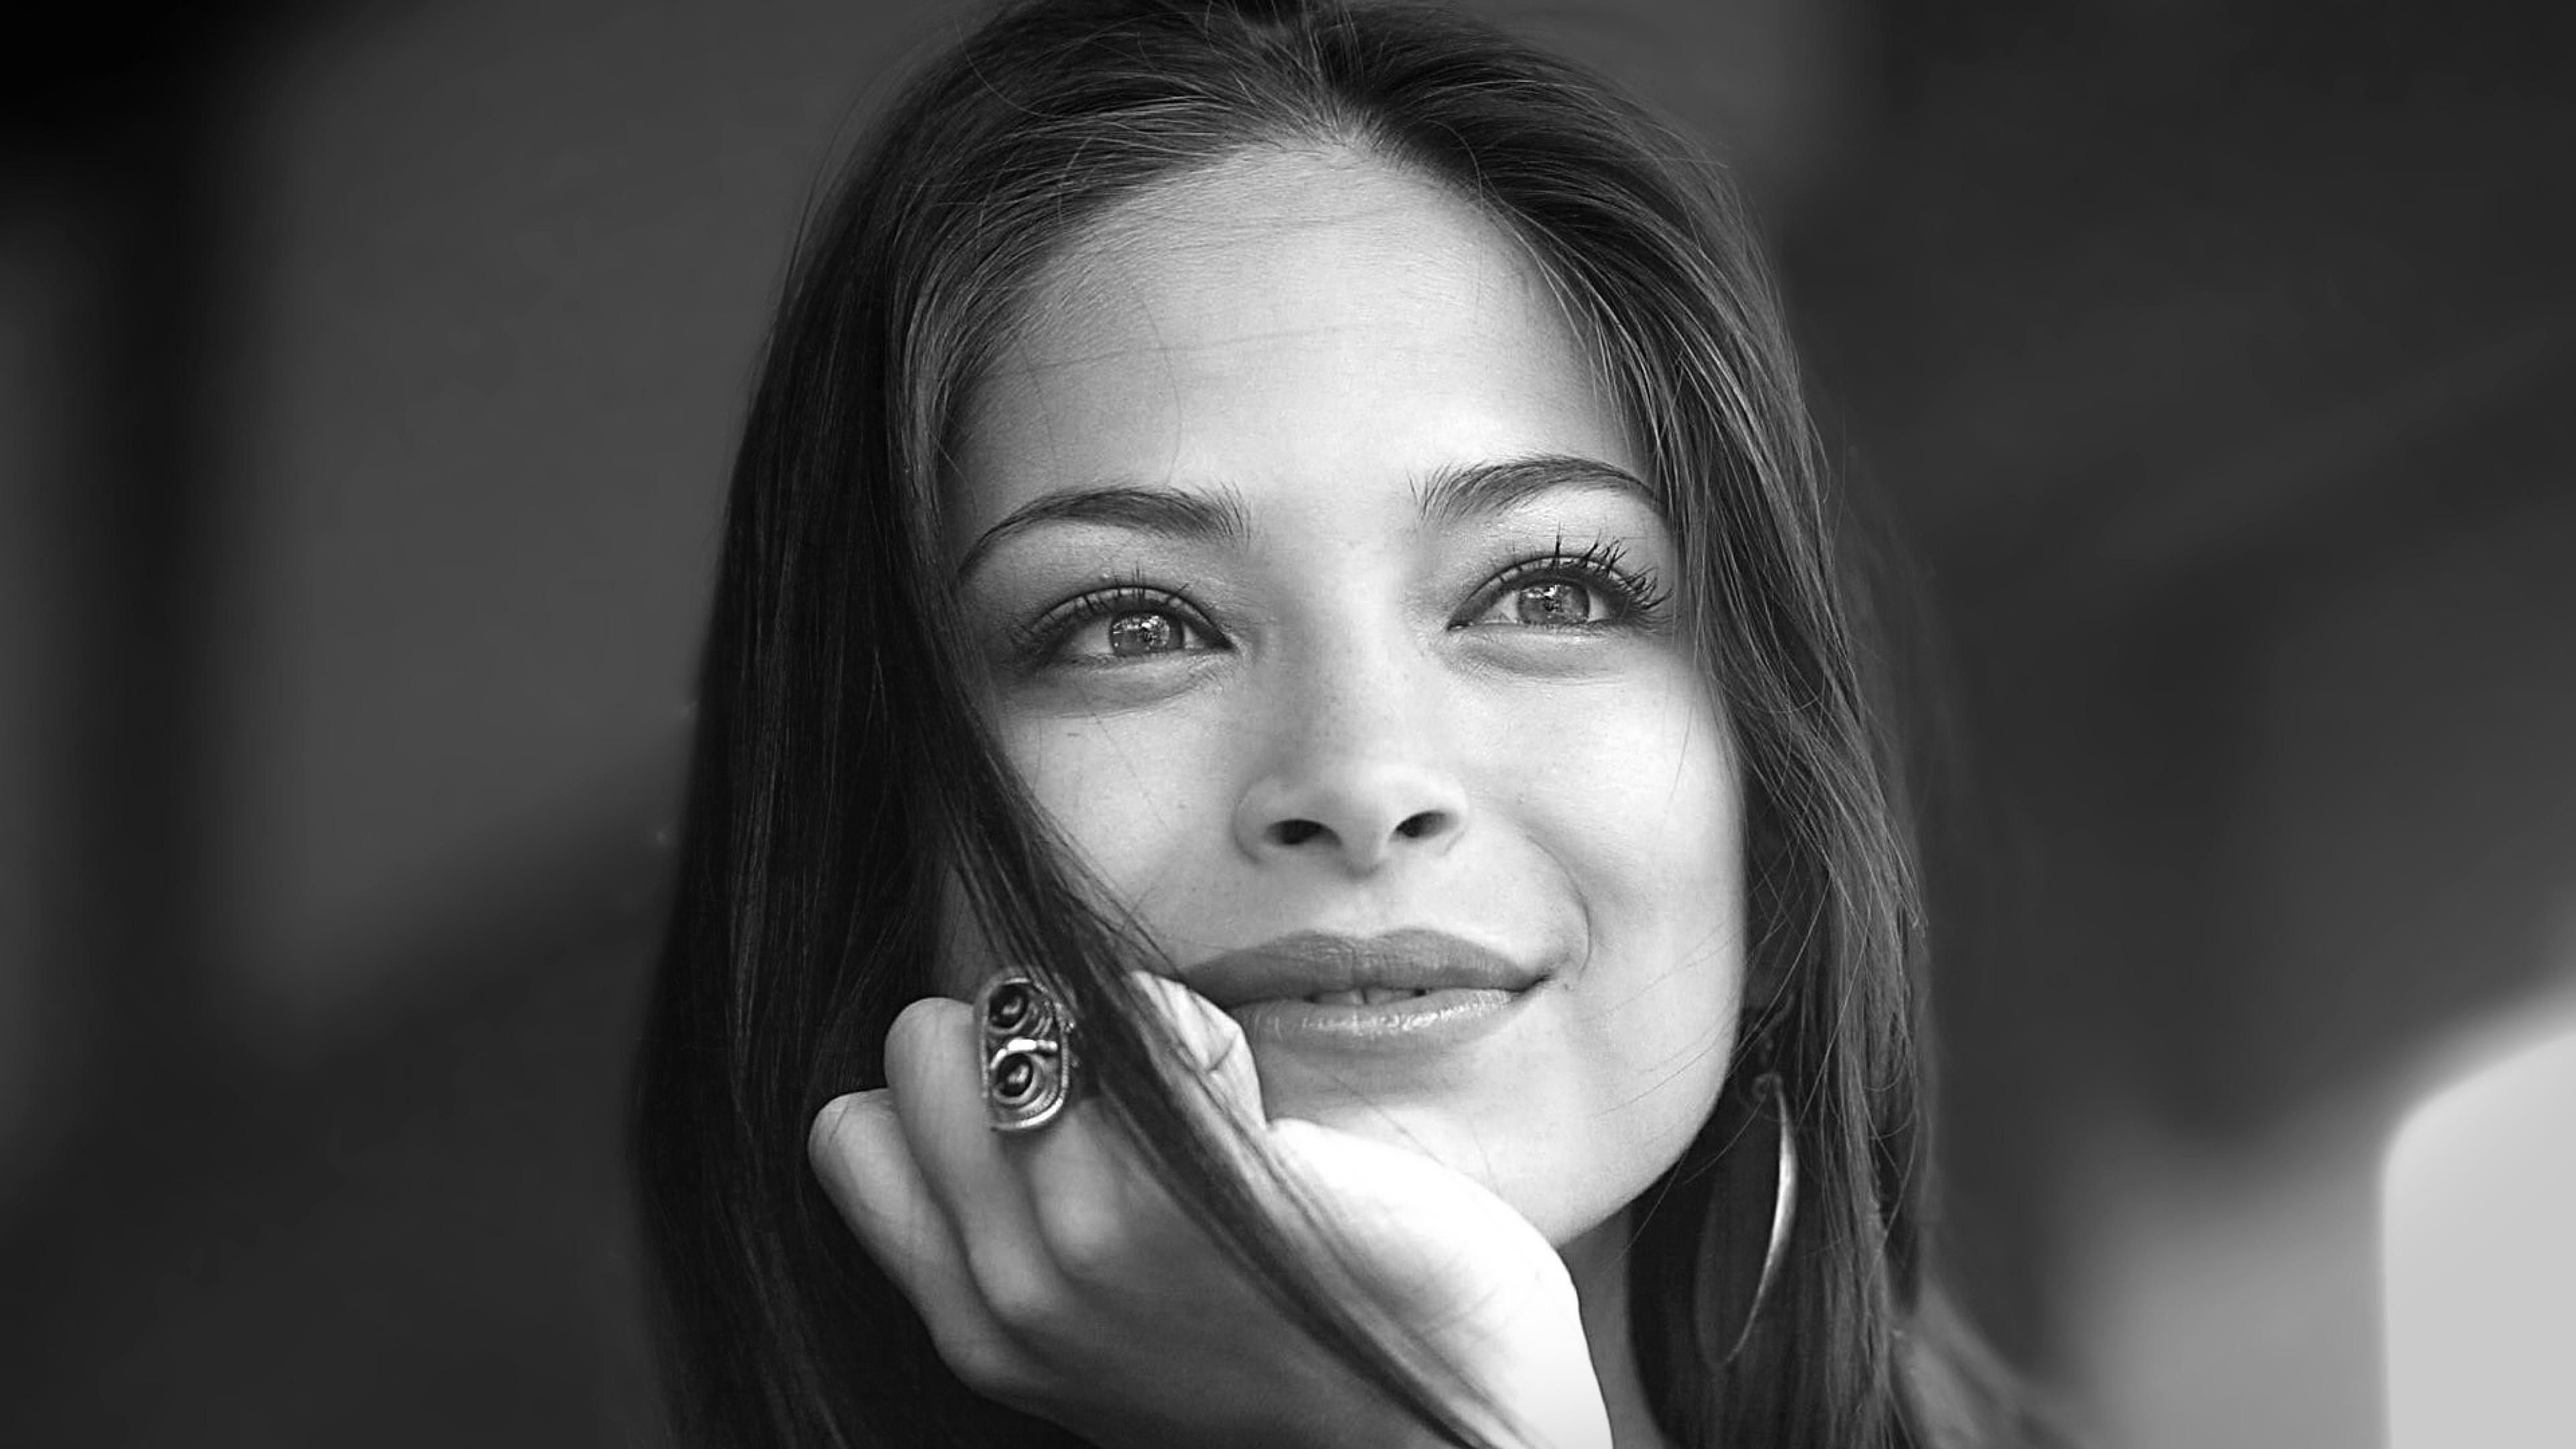 Wallpaper kristin kreuk, brunette, look, model, smile, black and  white